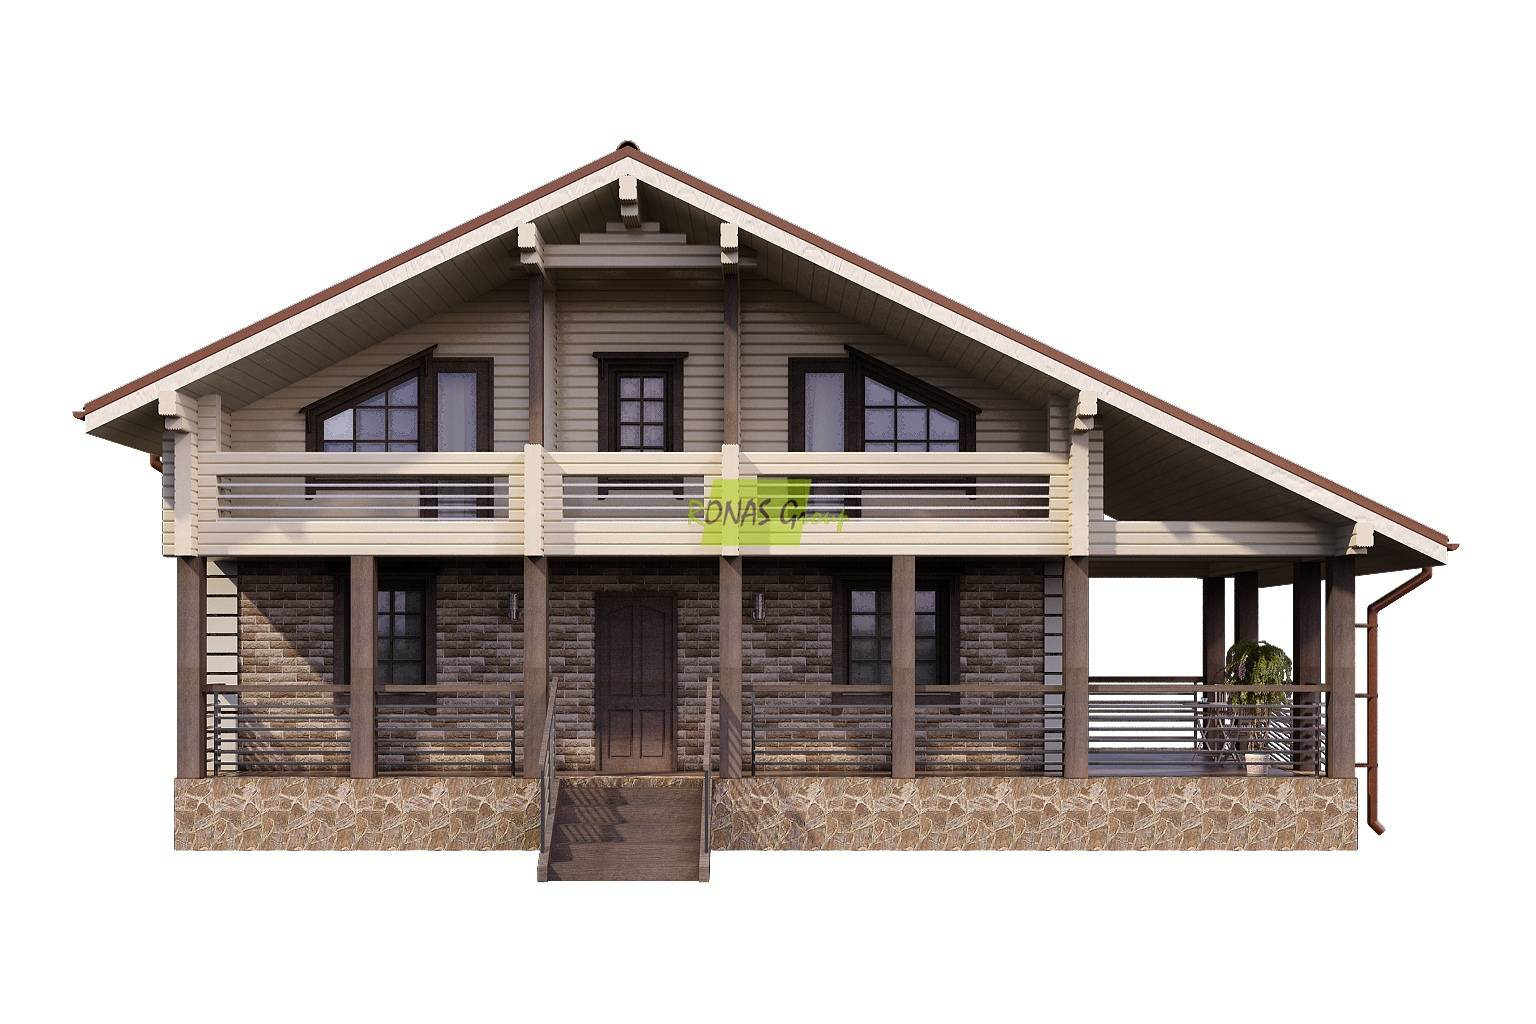 Дом в стиле шале - особенности конструкции, практичность и функциональность загородного дома (фото + видео)